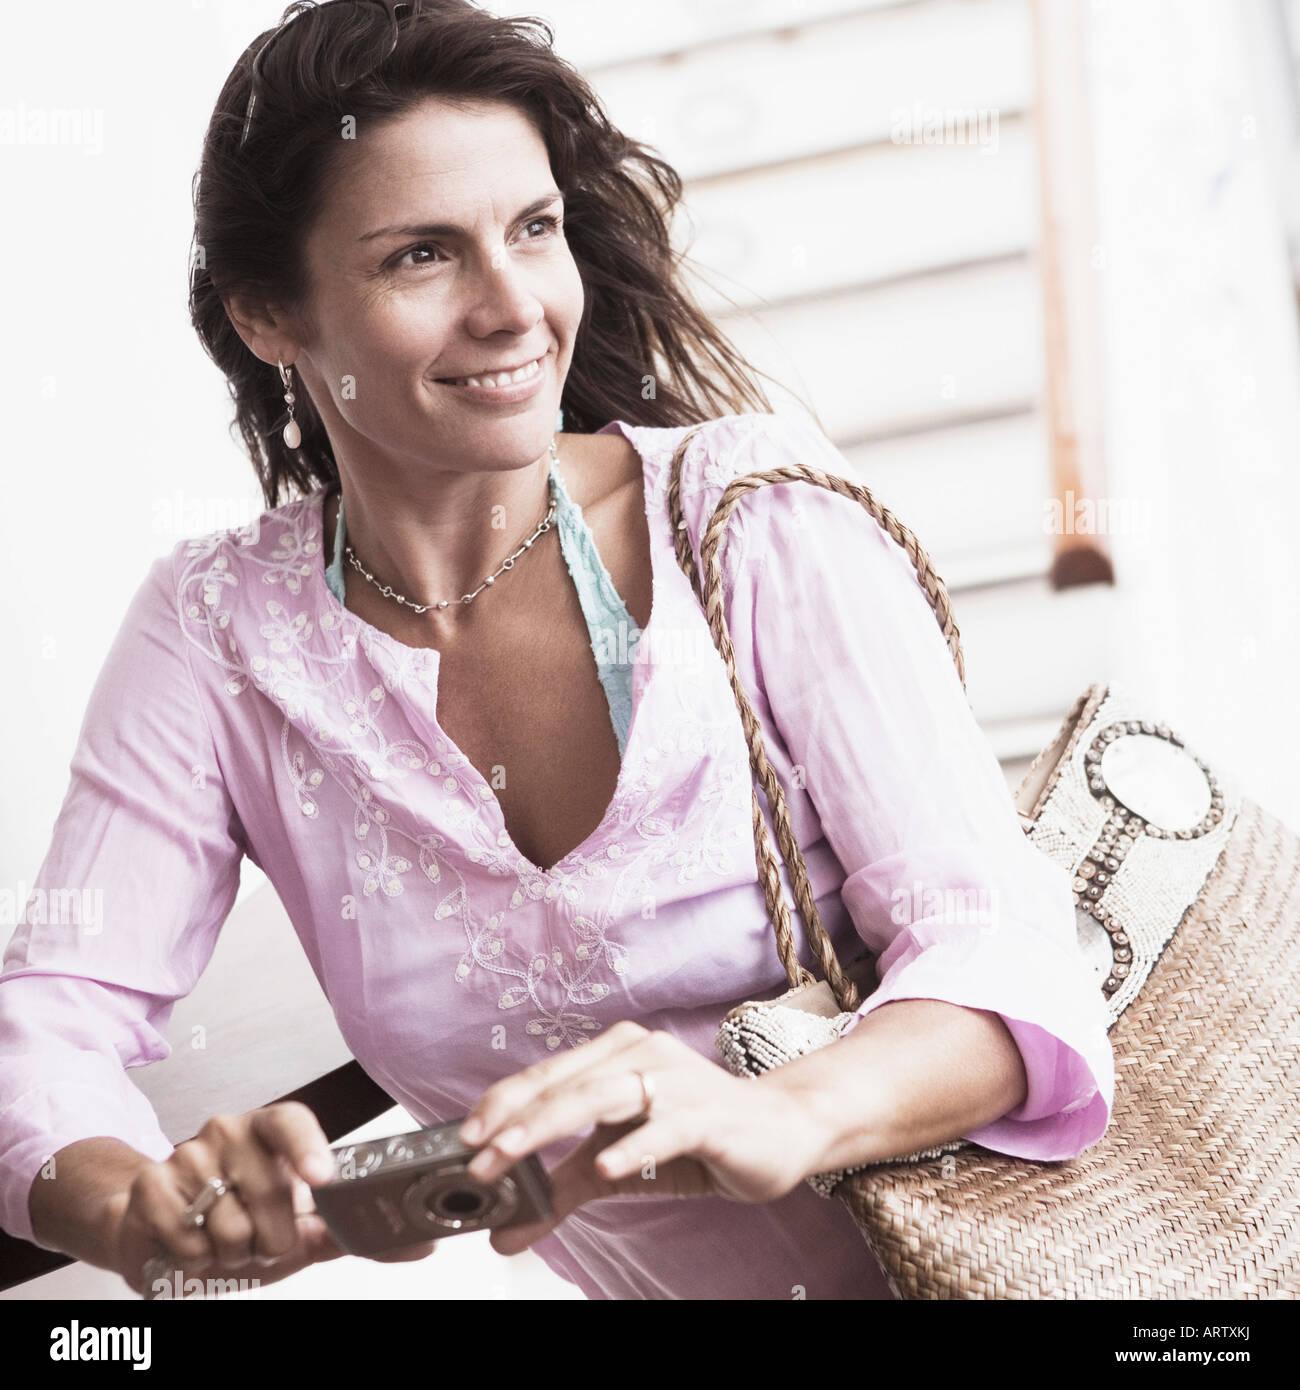 Cerca de una mitad mujer adulta con una cámara digital y sonriente Foto de stock